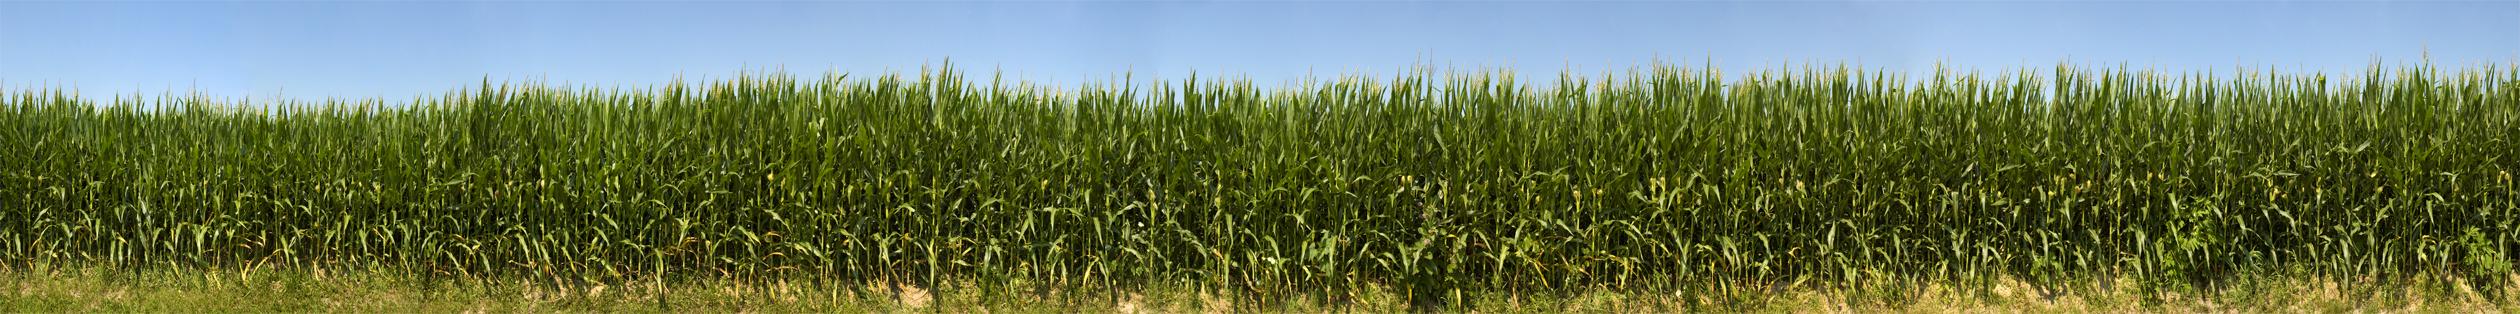 Monticello Indiana Corn 2010